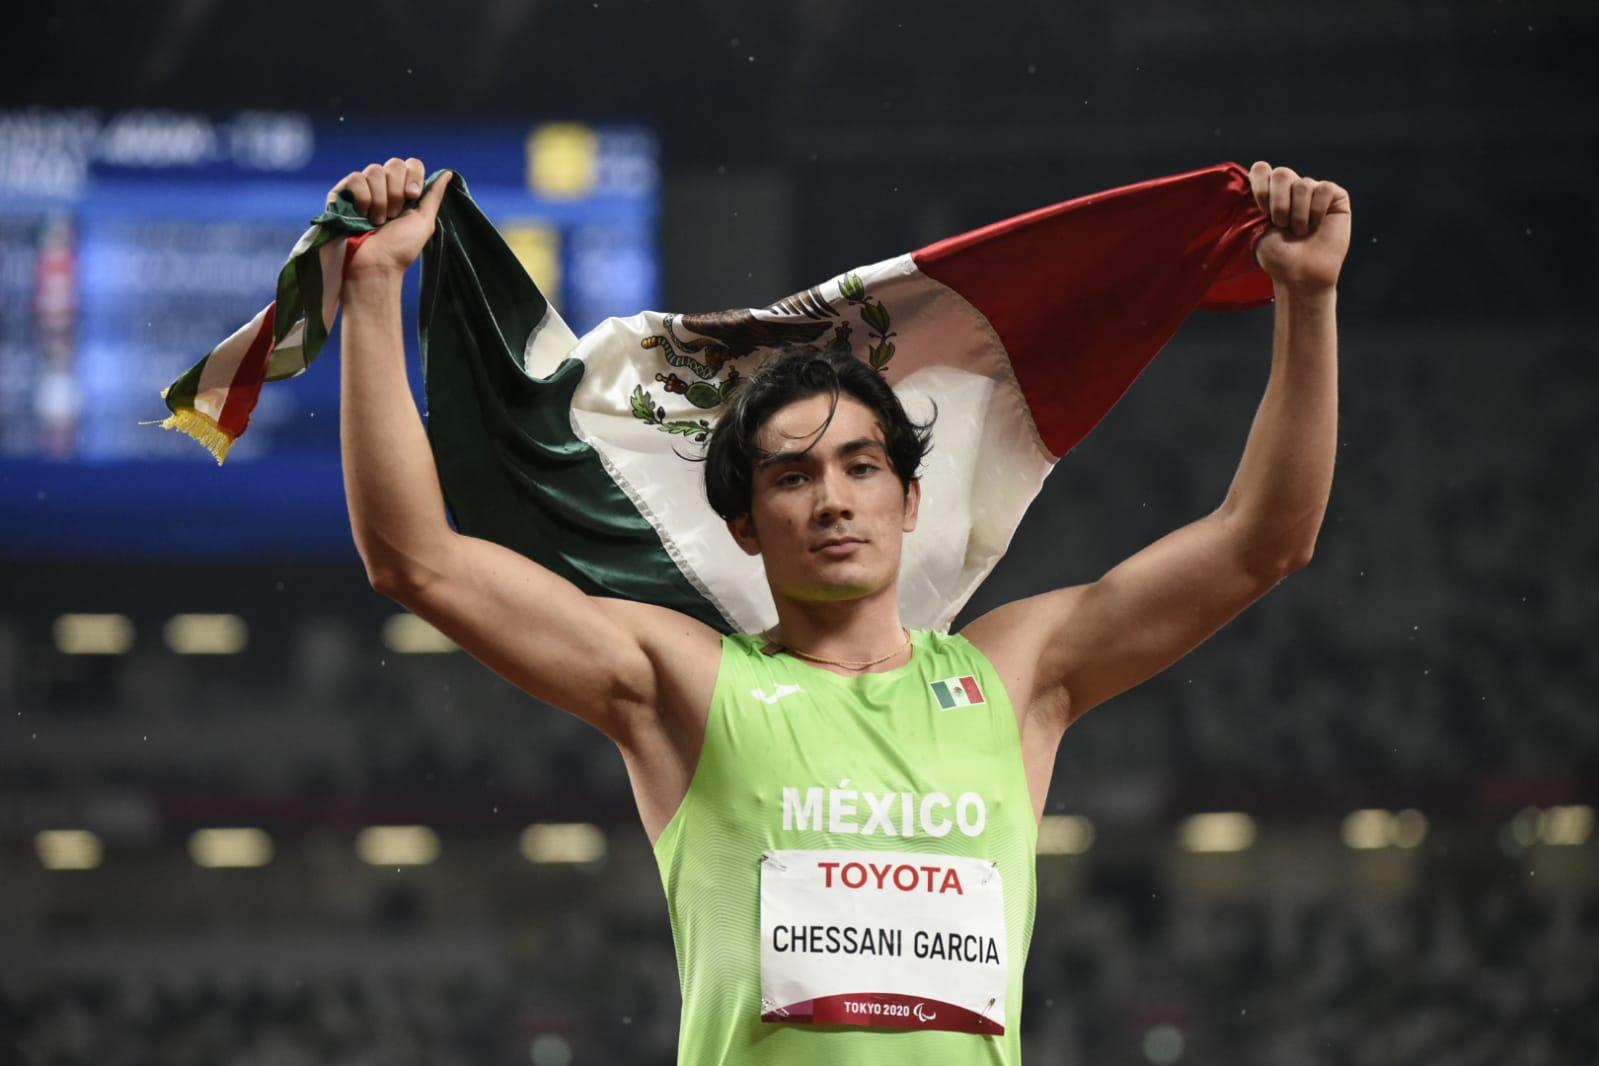 En Tokio 2020 mexiquenses dan los mejores resultados en el paratletismo - Sep 6, 2021